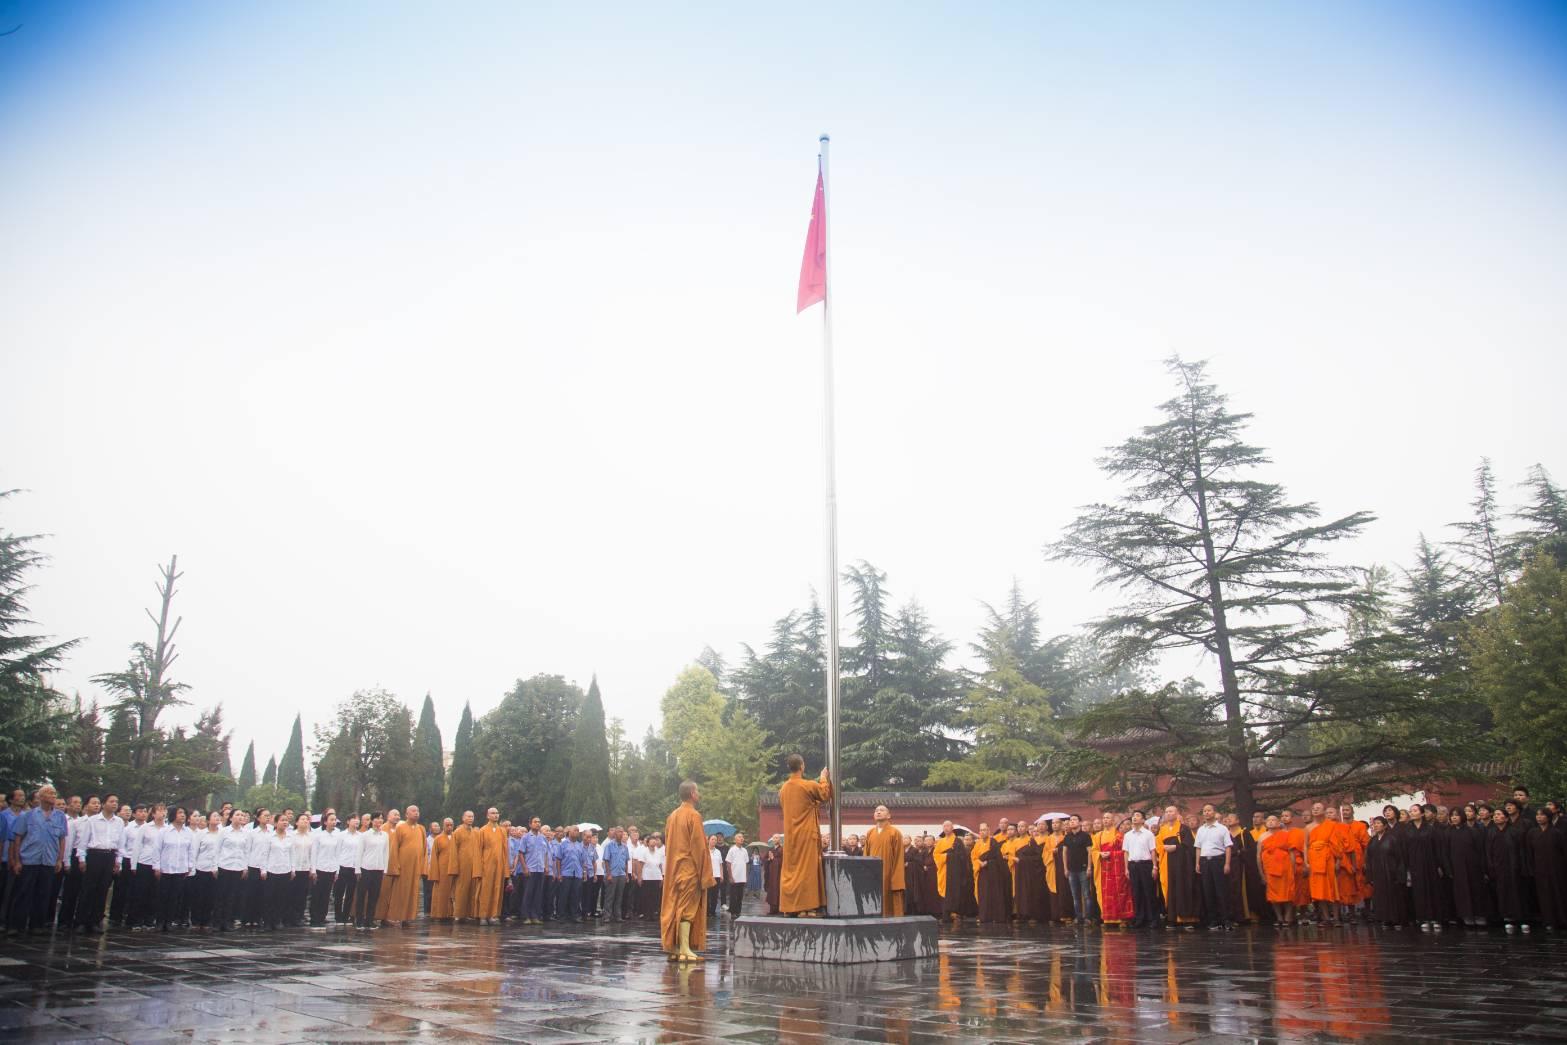 พระธรรมทูตสายต่างประเทศ สานสัมพันธ์ไทย-จีน เถรวาท-มหายาน 2